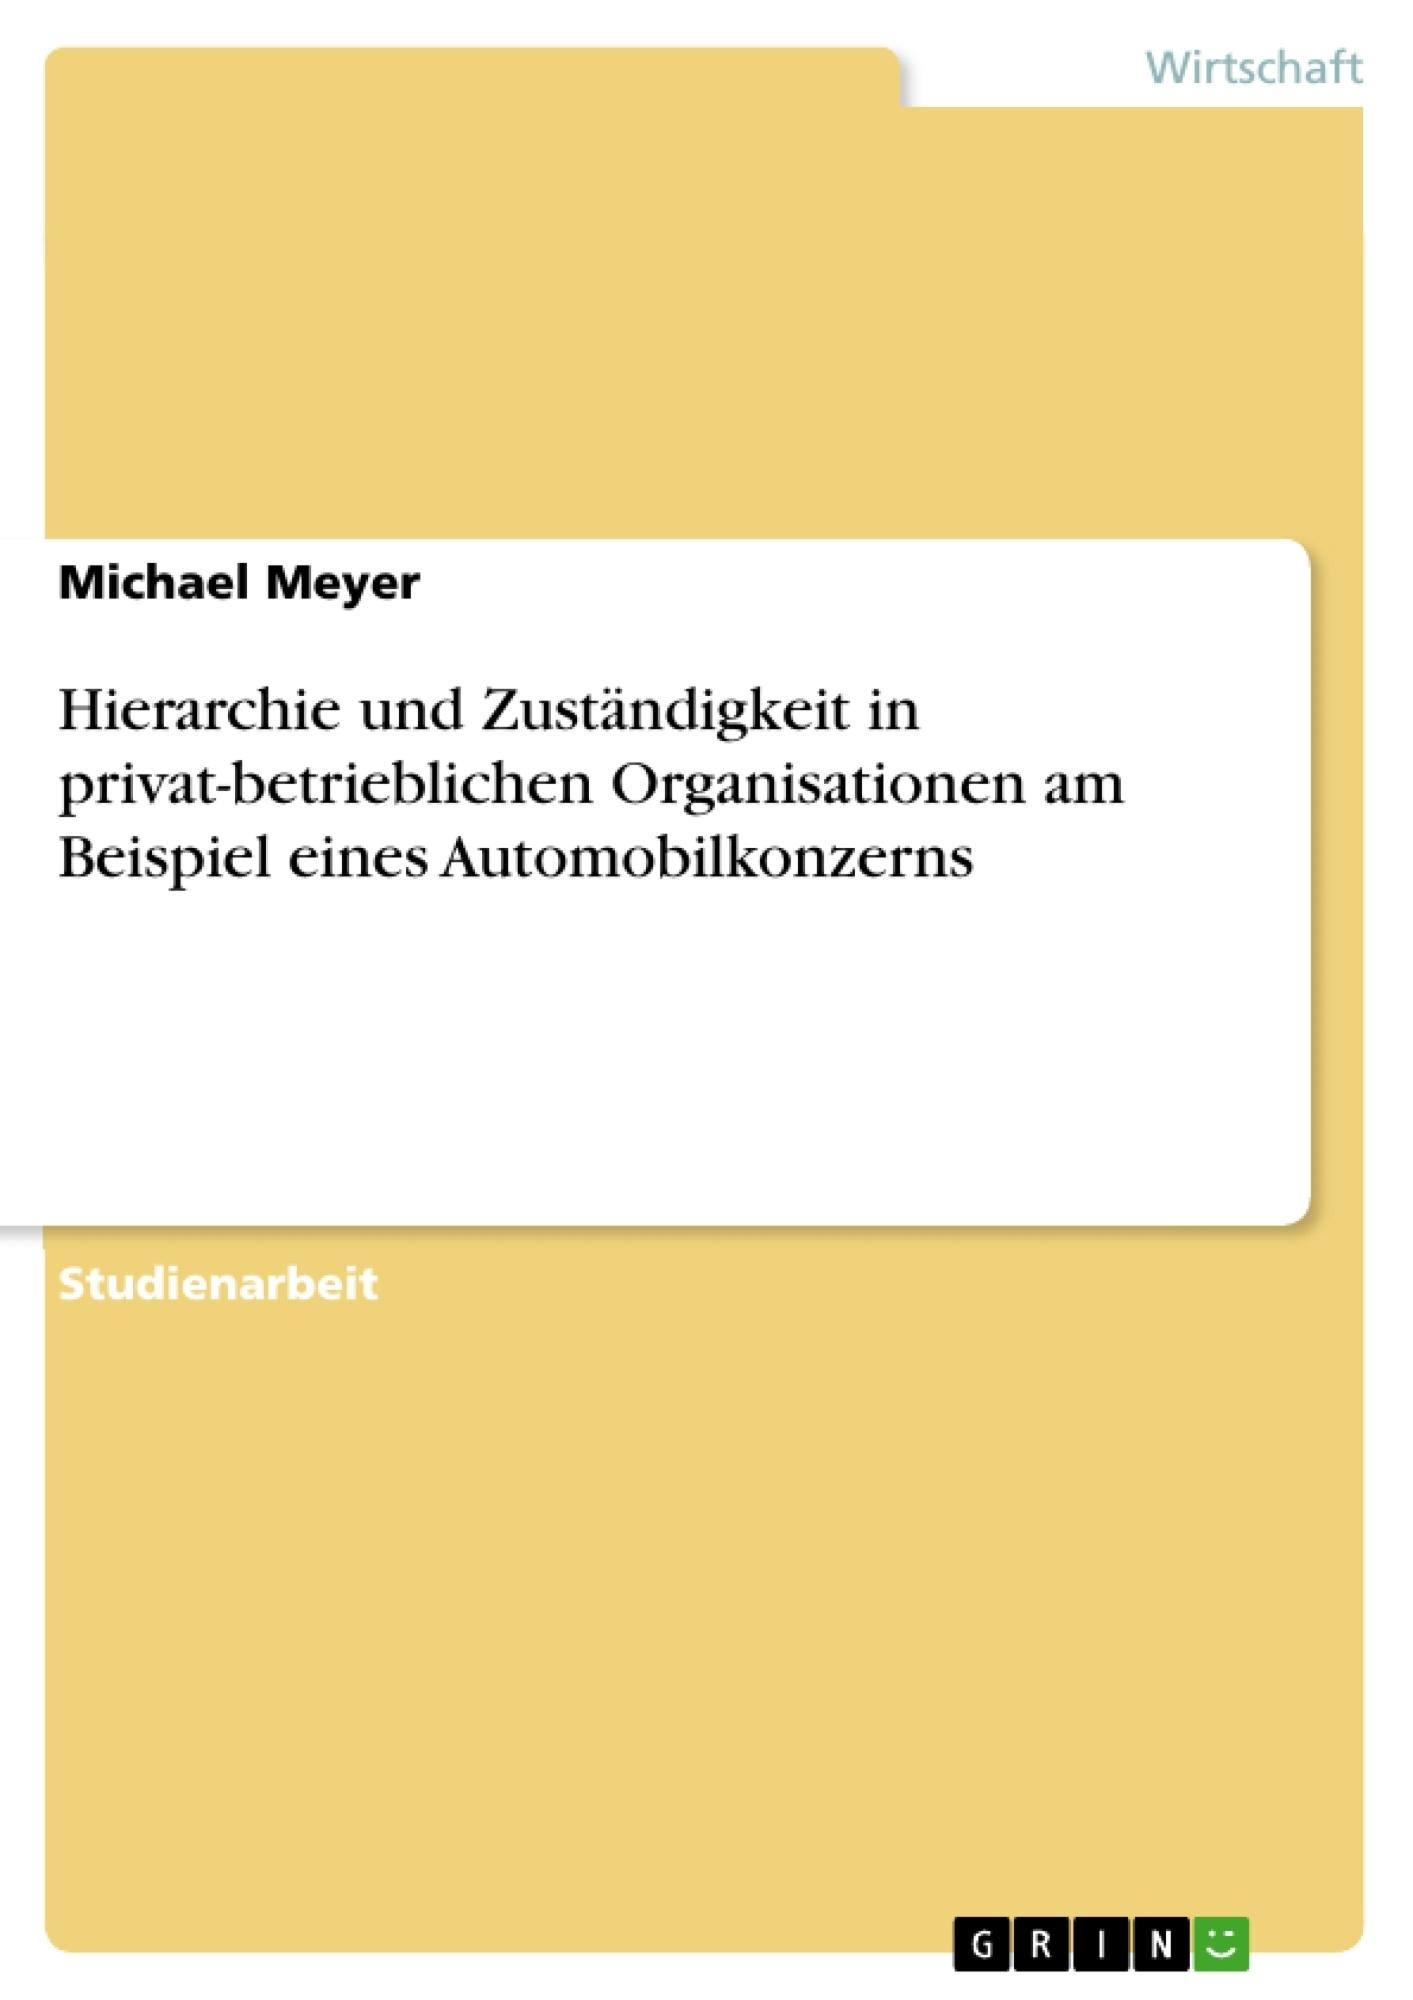 Titel: Hierarchie und Zuständigkeit in privat-betrieblichen Organisationen am Beispiel eines Automobilkonzerns